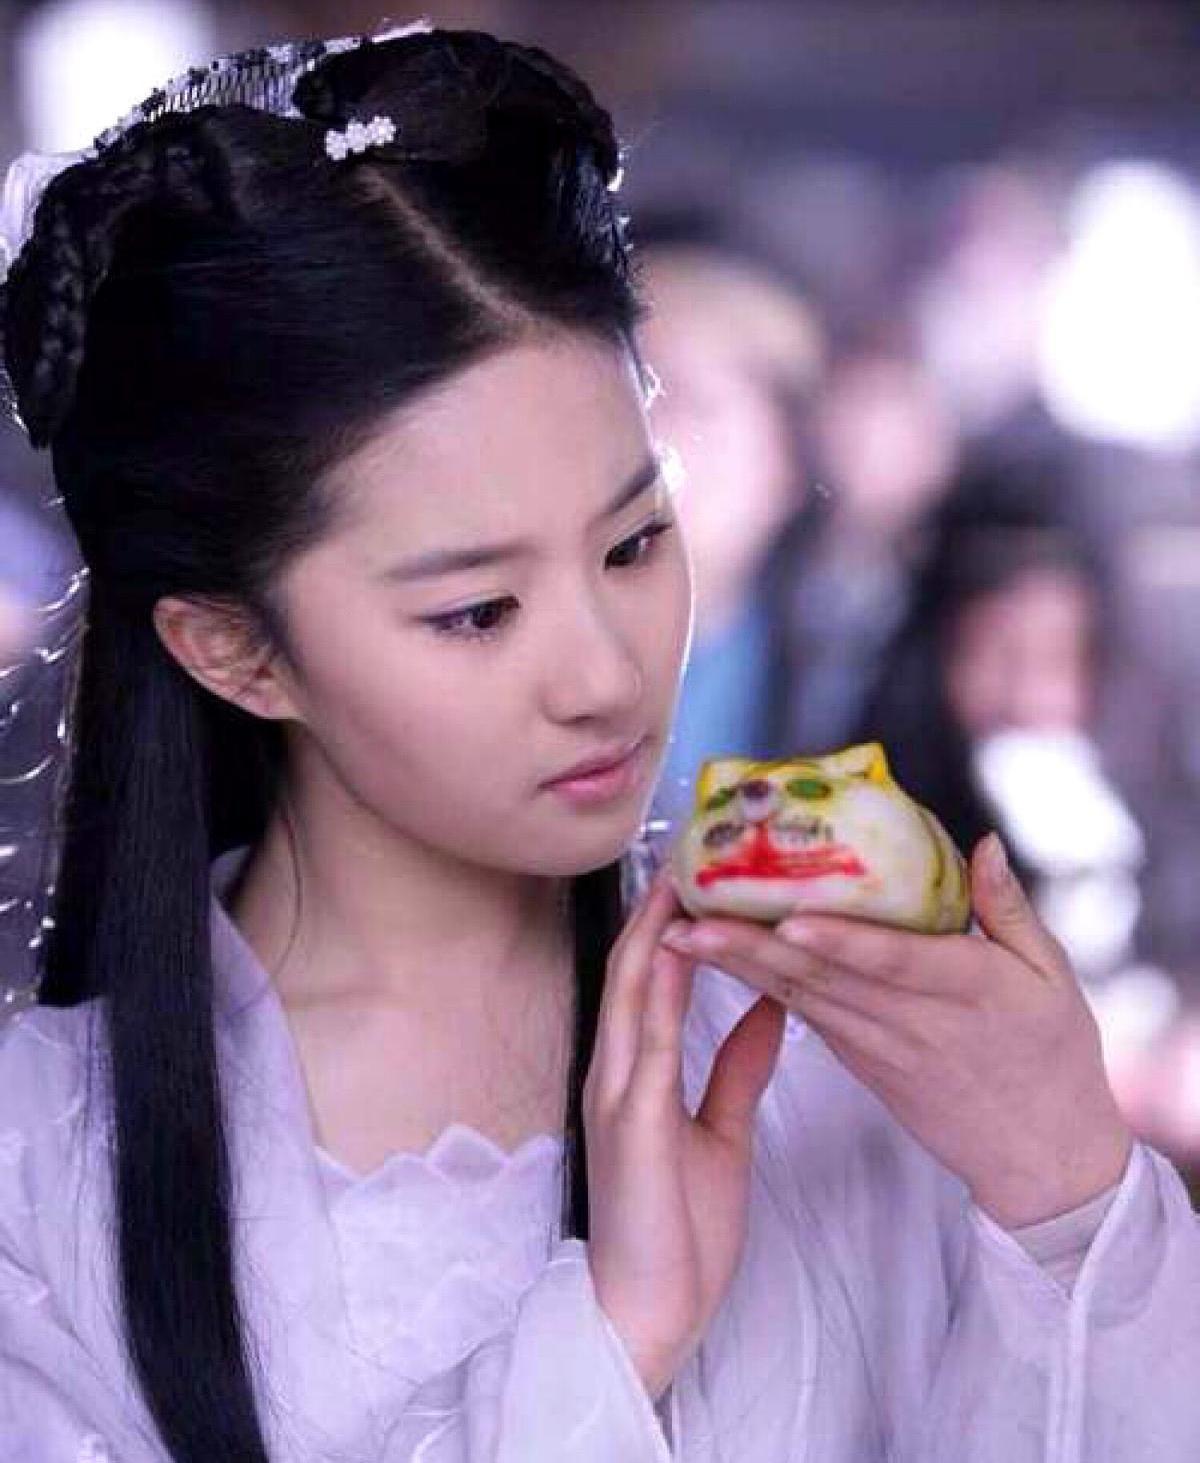 刘亦菲早期红毯照片,生图状态近乎完美,简单抹胸裙衬出仙女气质